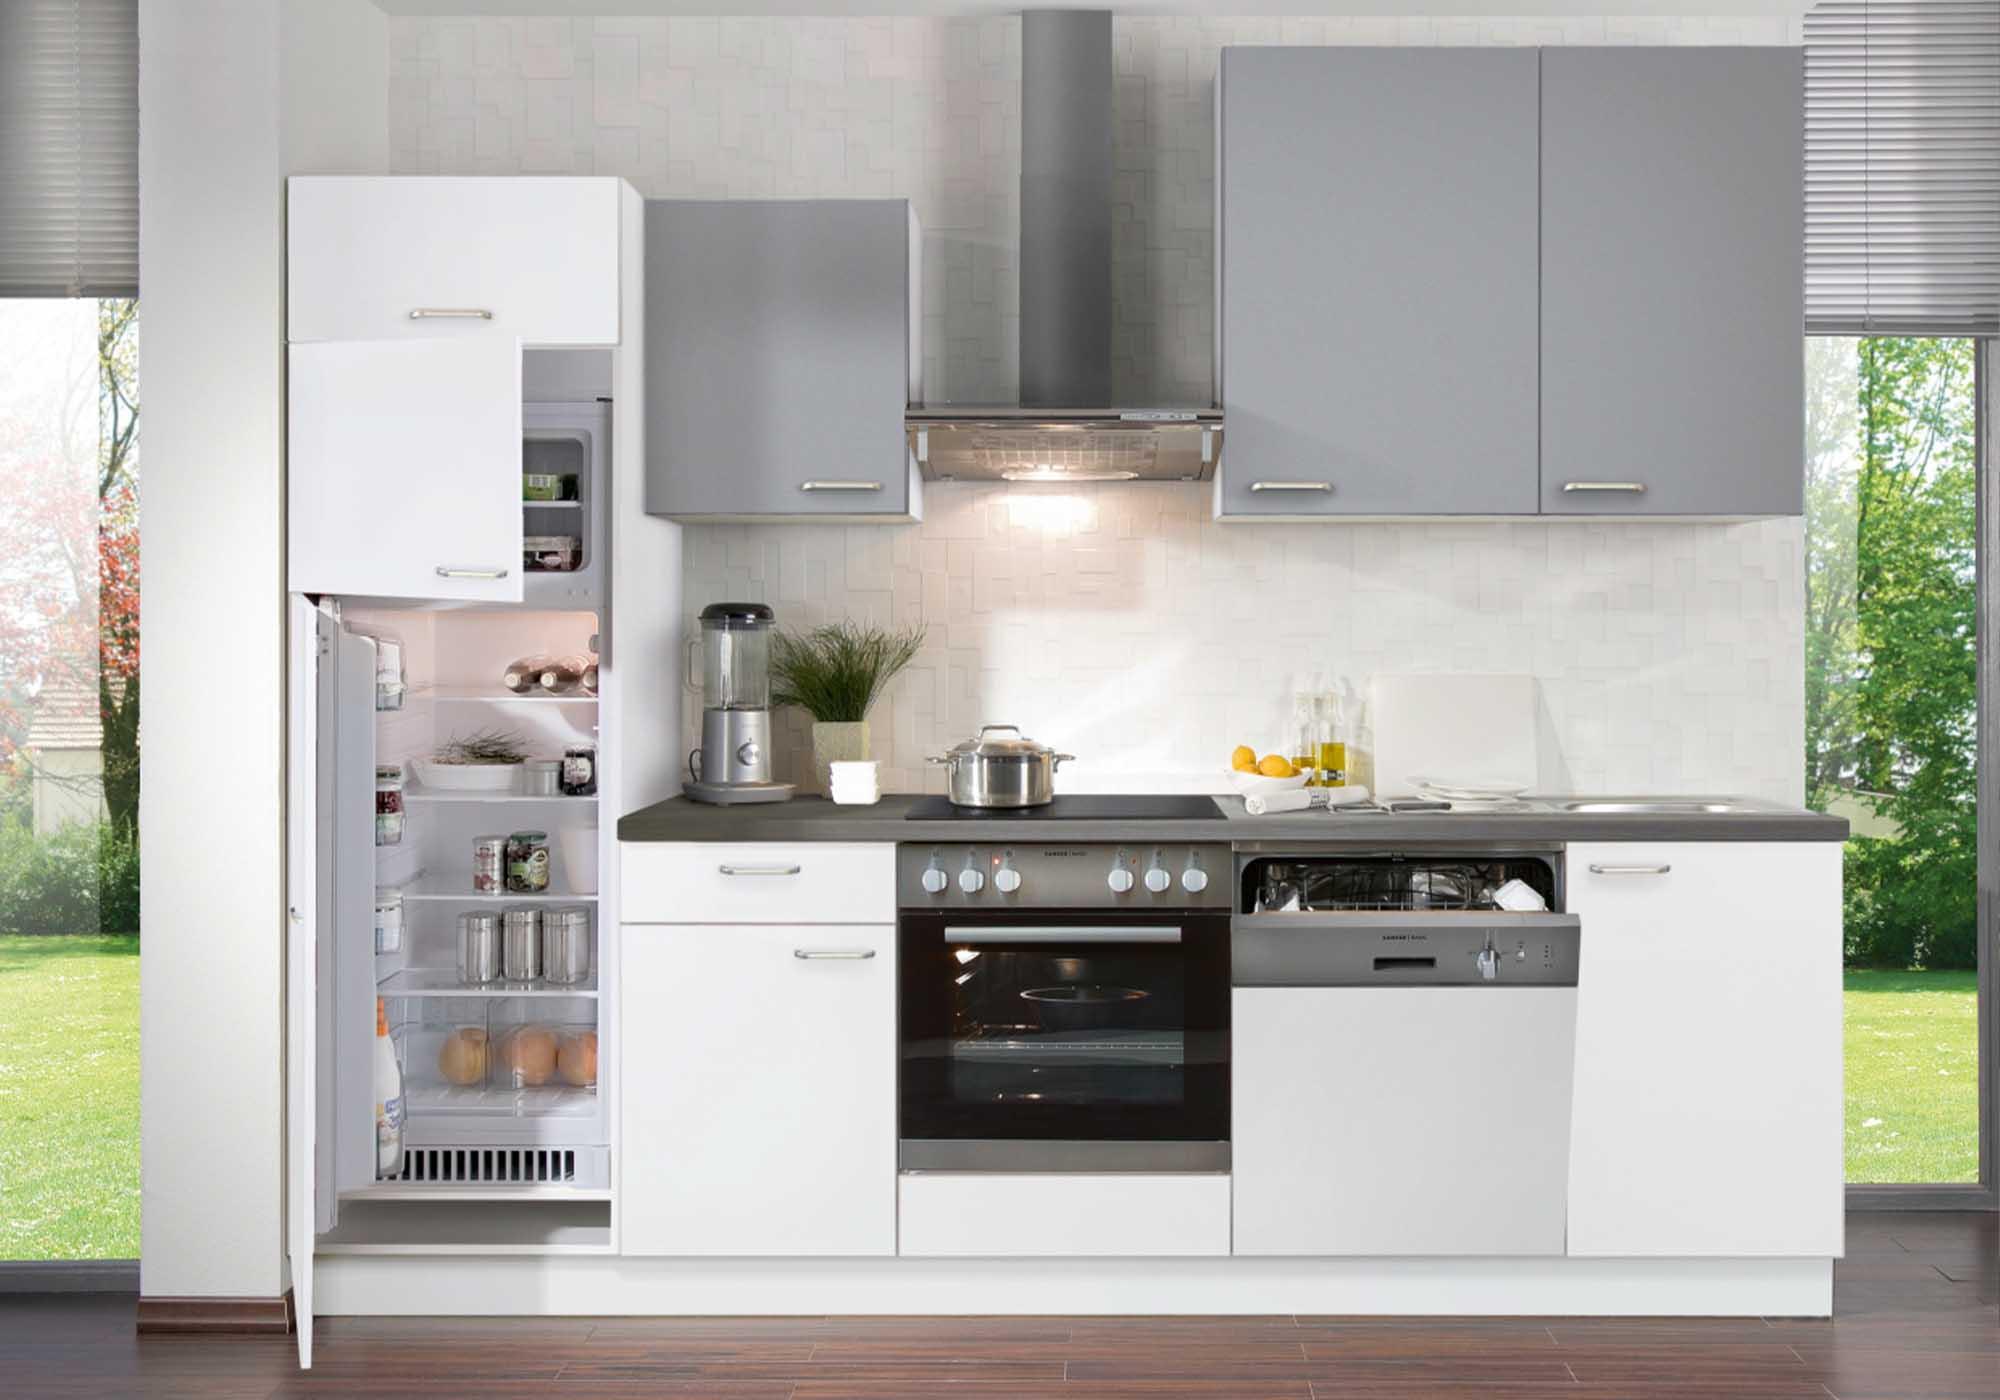 Küchen-Formen: Einzeilige Küche